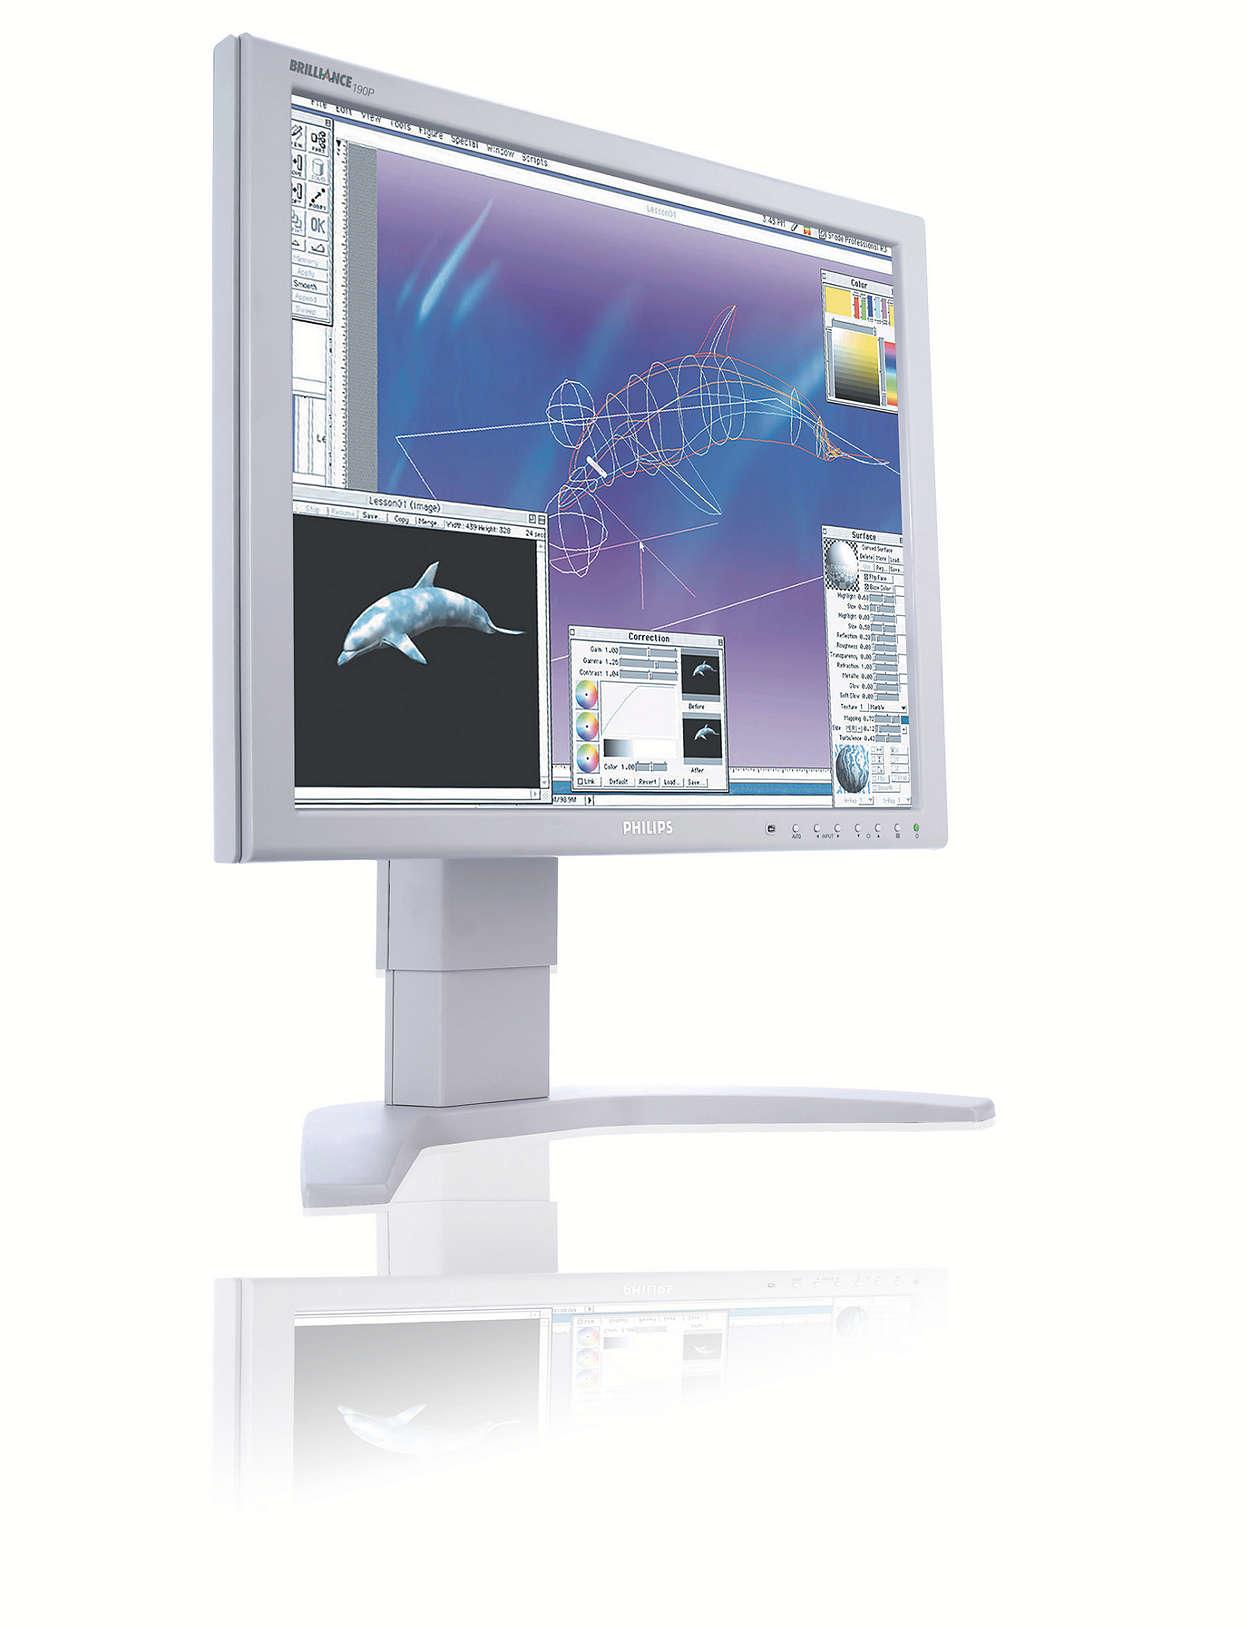 Monitor de grandes dimensões para profissionais exigentes